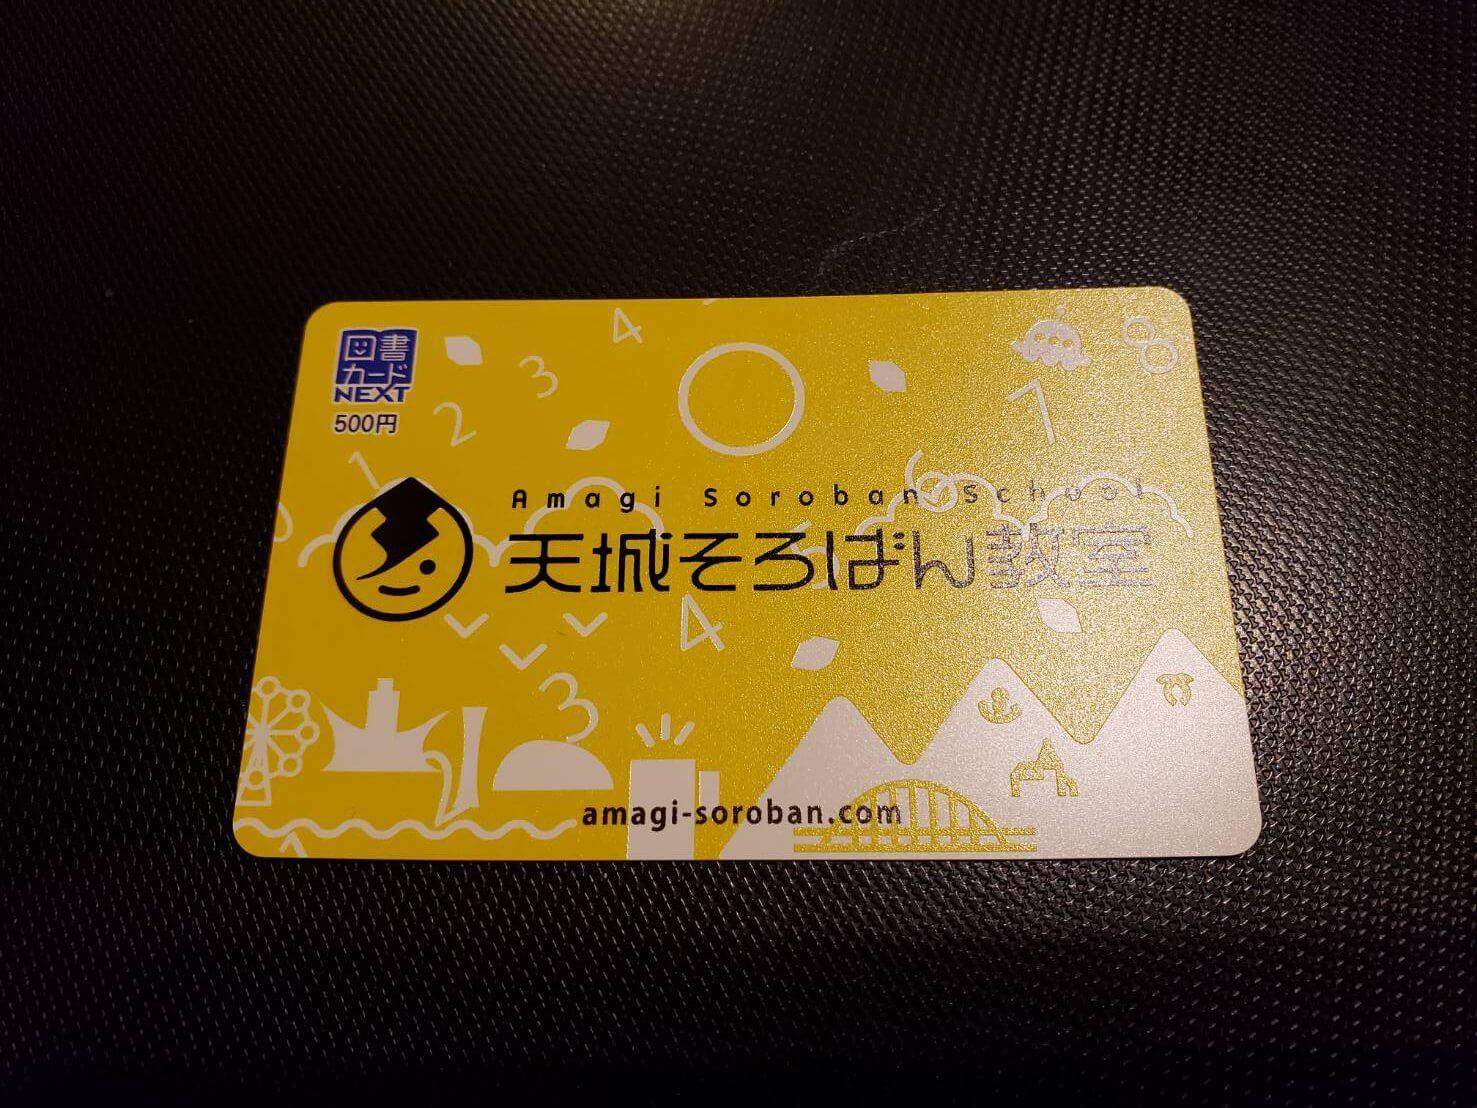 天城そろばん教室 図書カード